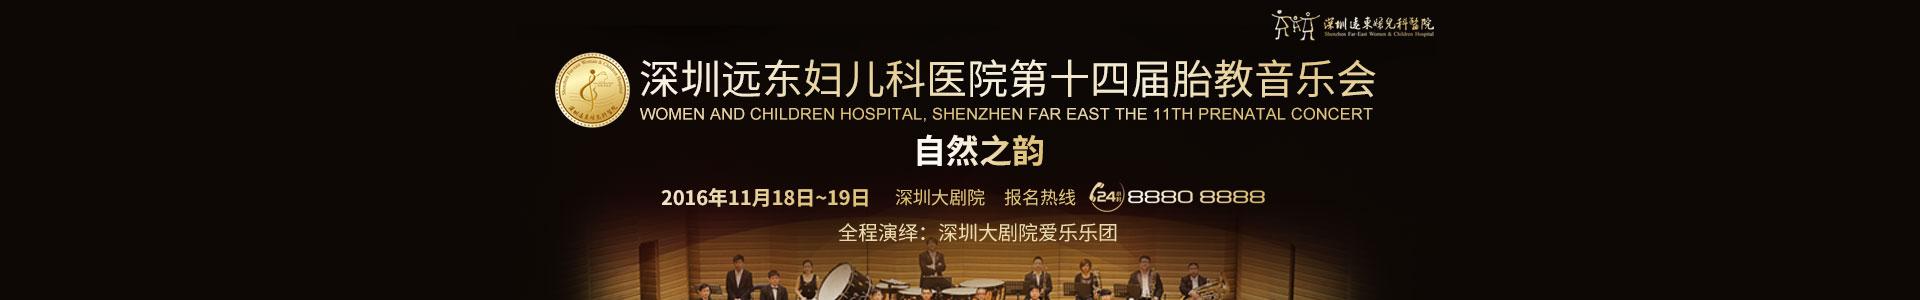 远东第十四届胎教音乐会即将盛大开幕